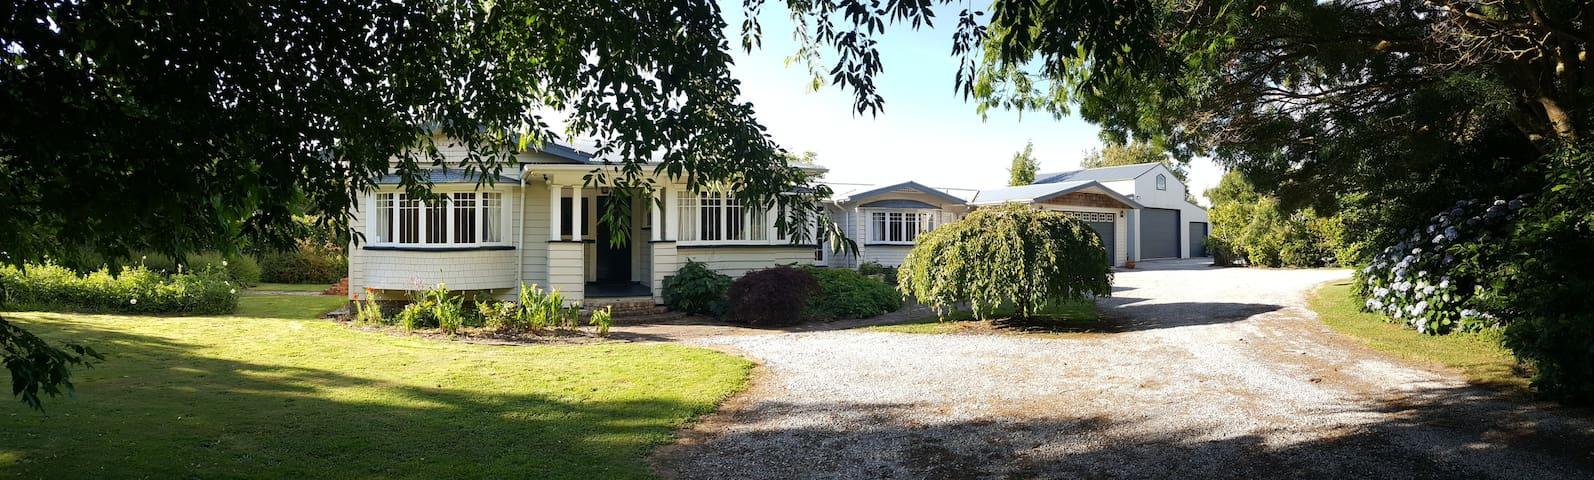 Country Retreat Studio close to city - Puketaha - Talo